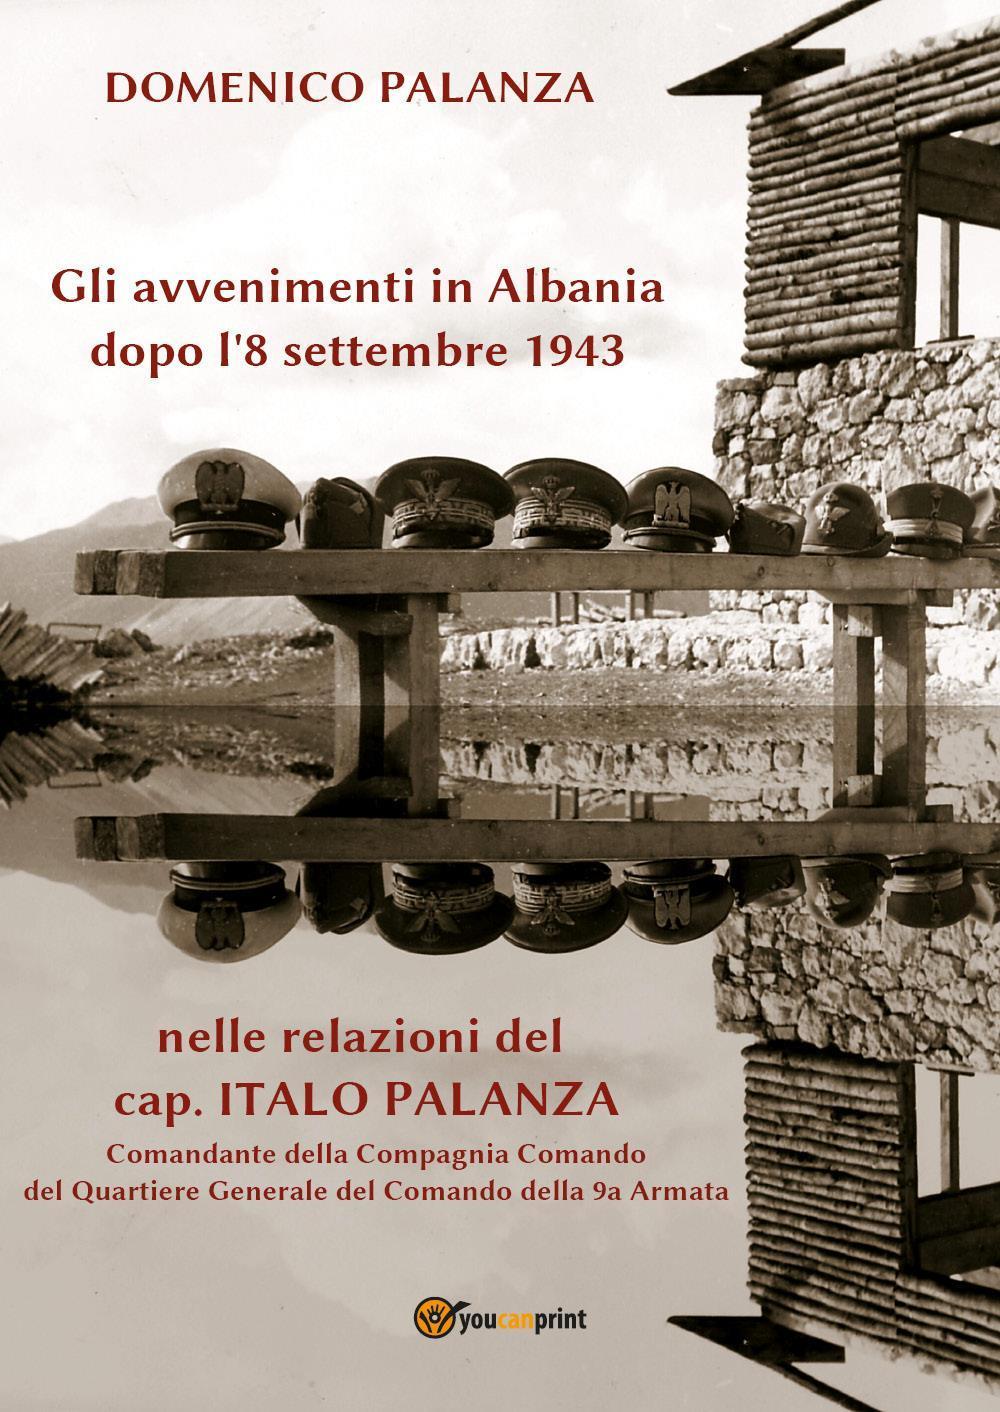 Gli avvenimenti in Albania dopo l'8 settembre 1943 nelle relazioni del cap. Italo Palanza